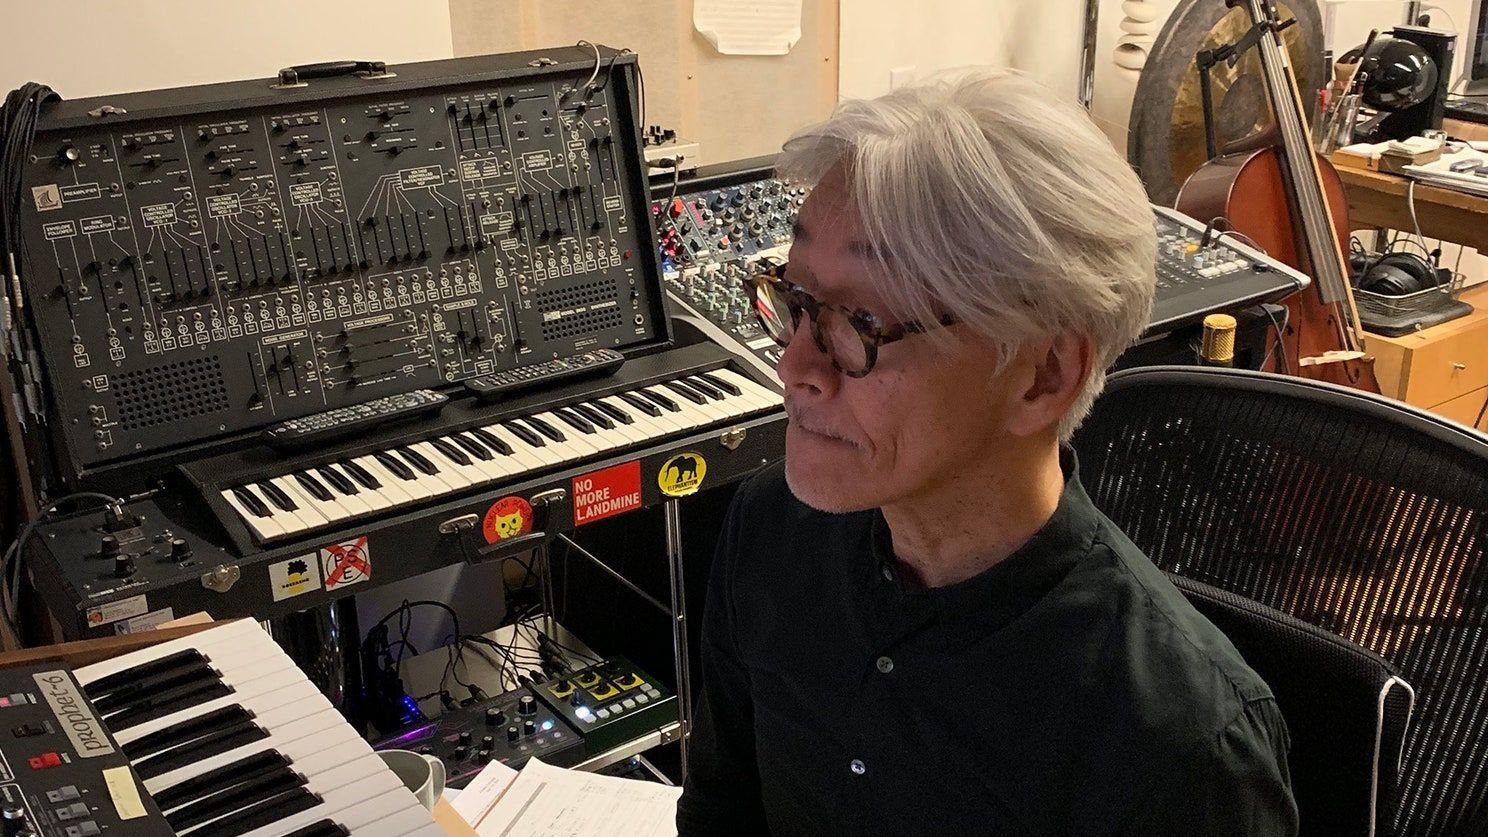 教授動静 第16回 坂本龍一 映画音楽制作史上最大のピンチ 坂本龍一 音楽制作 教授